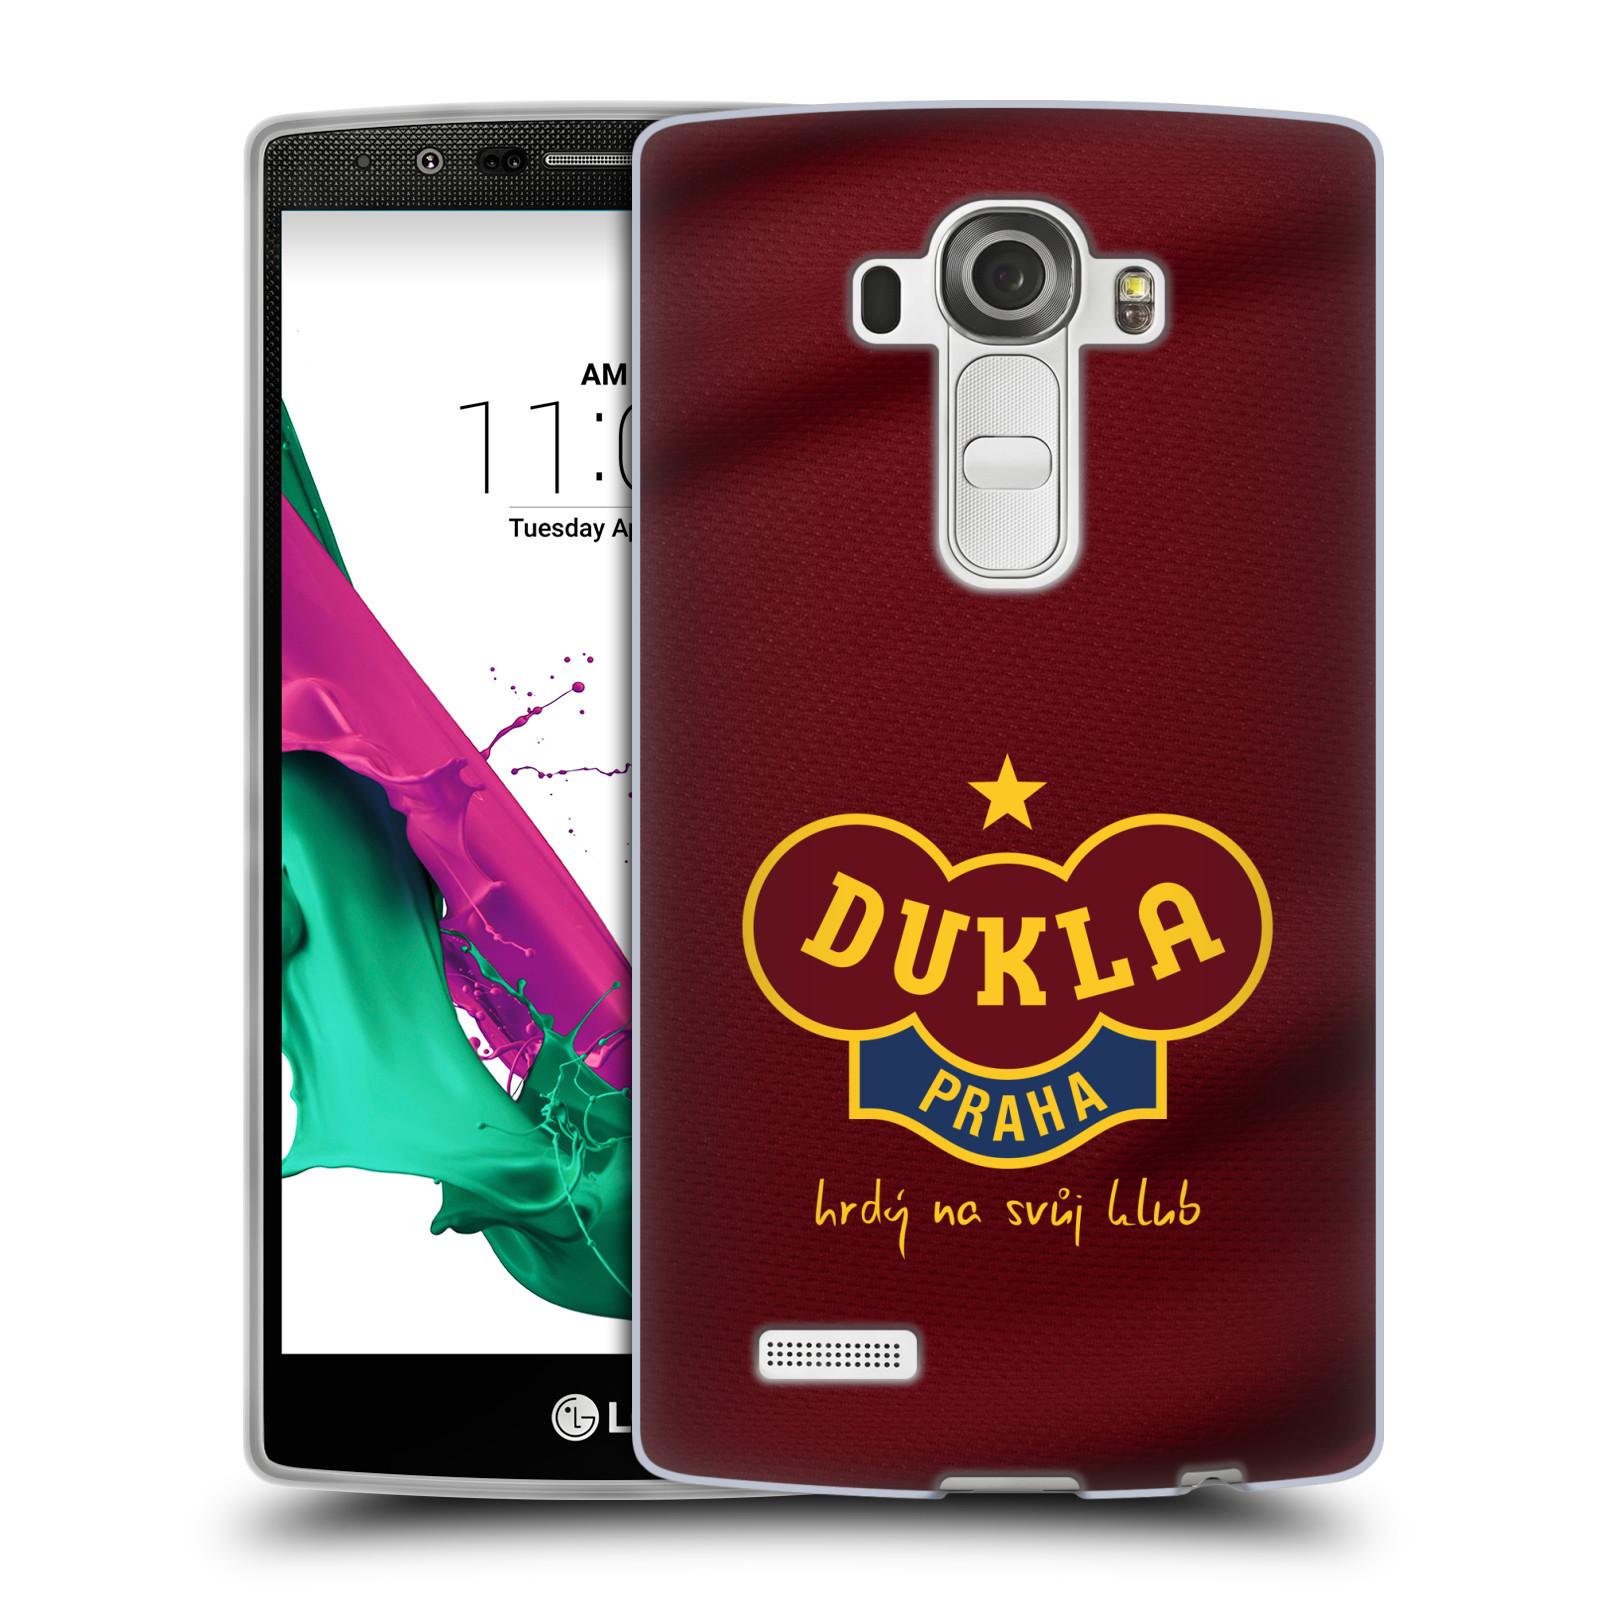 Silikonové pouzdro na mobil LG G4 - FK Dukla Praha - Vínově červený dres (Silikonový kryt či obal na mobilní telefon s oficiálním motivem FK Dukla Praha - Vínově červený dres pro LG G4 H815)